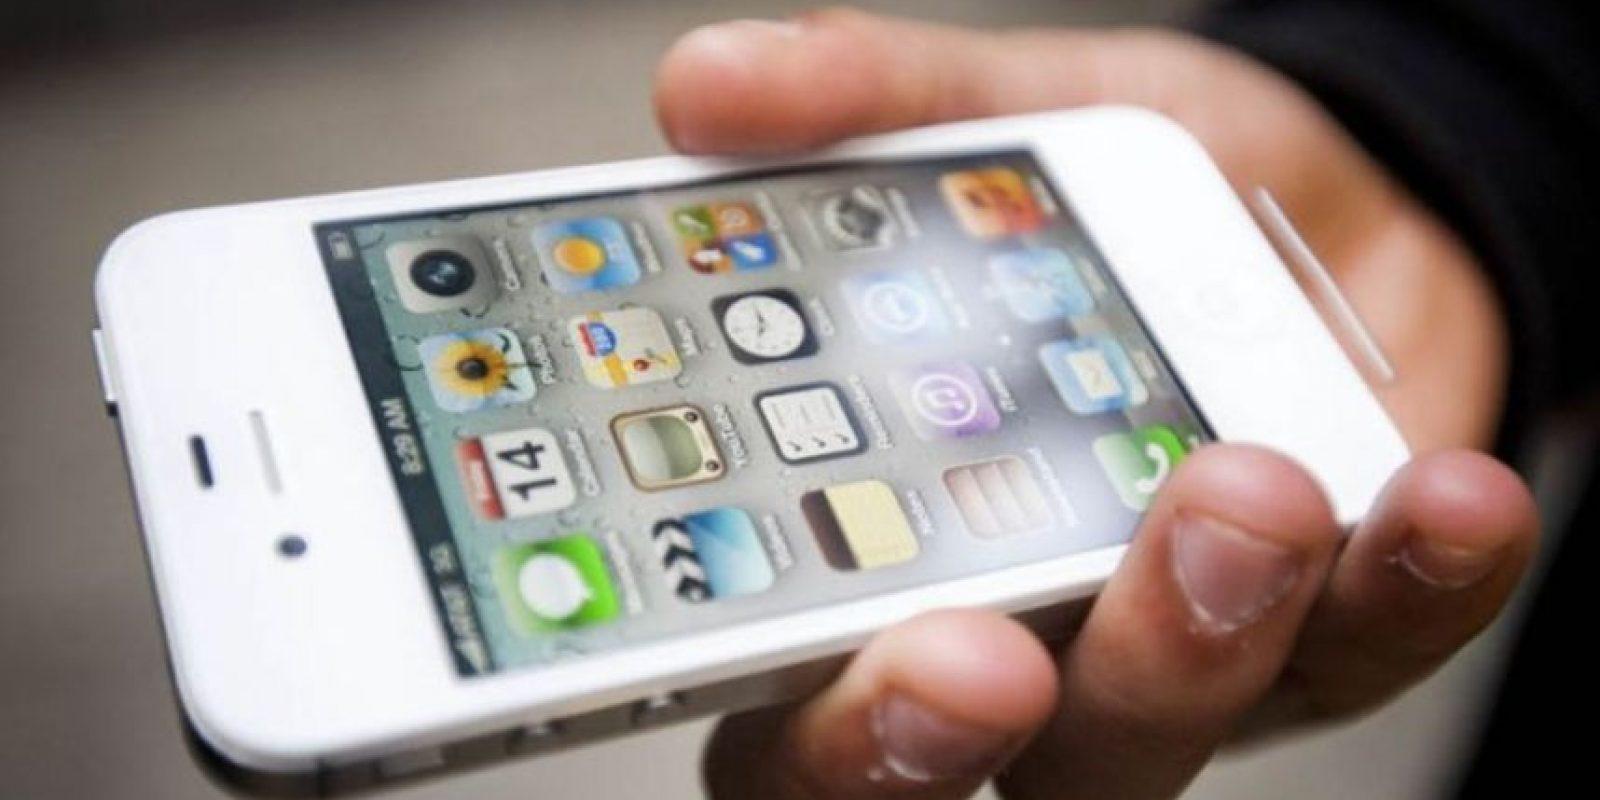 En mayo de 2013, Apple retiró la app que permitía conocer cuáles de sus amigos de Facebook tienen deseos de mantener una relación sexual. Foto:Getty Images